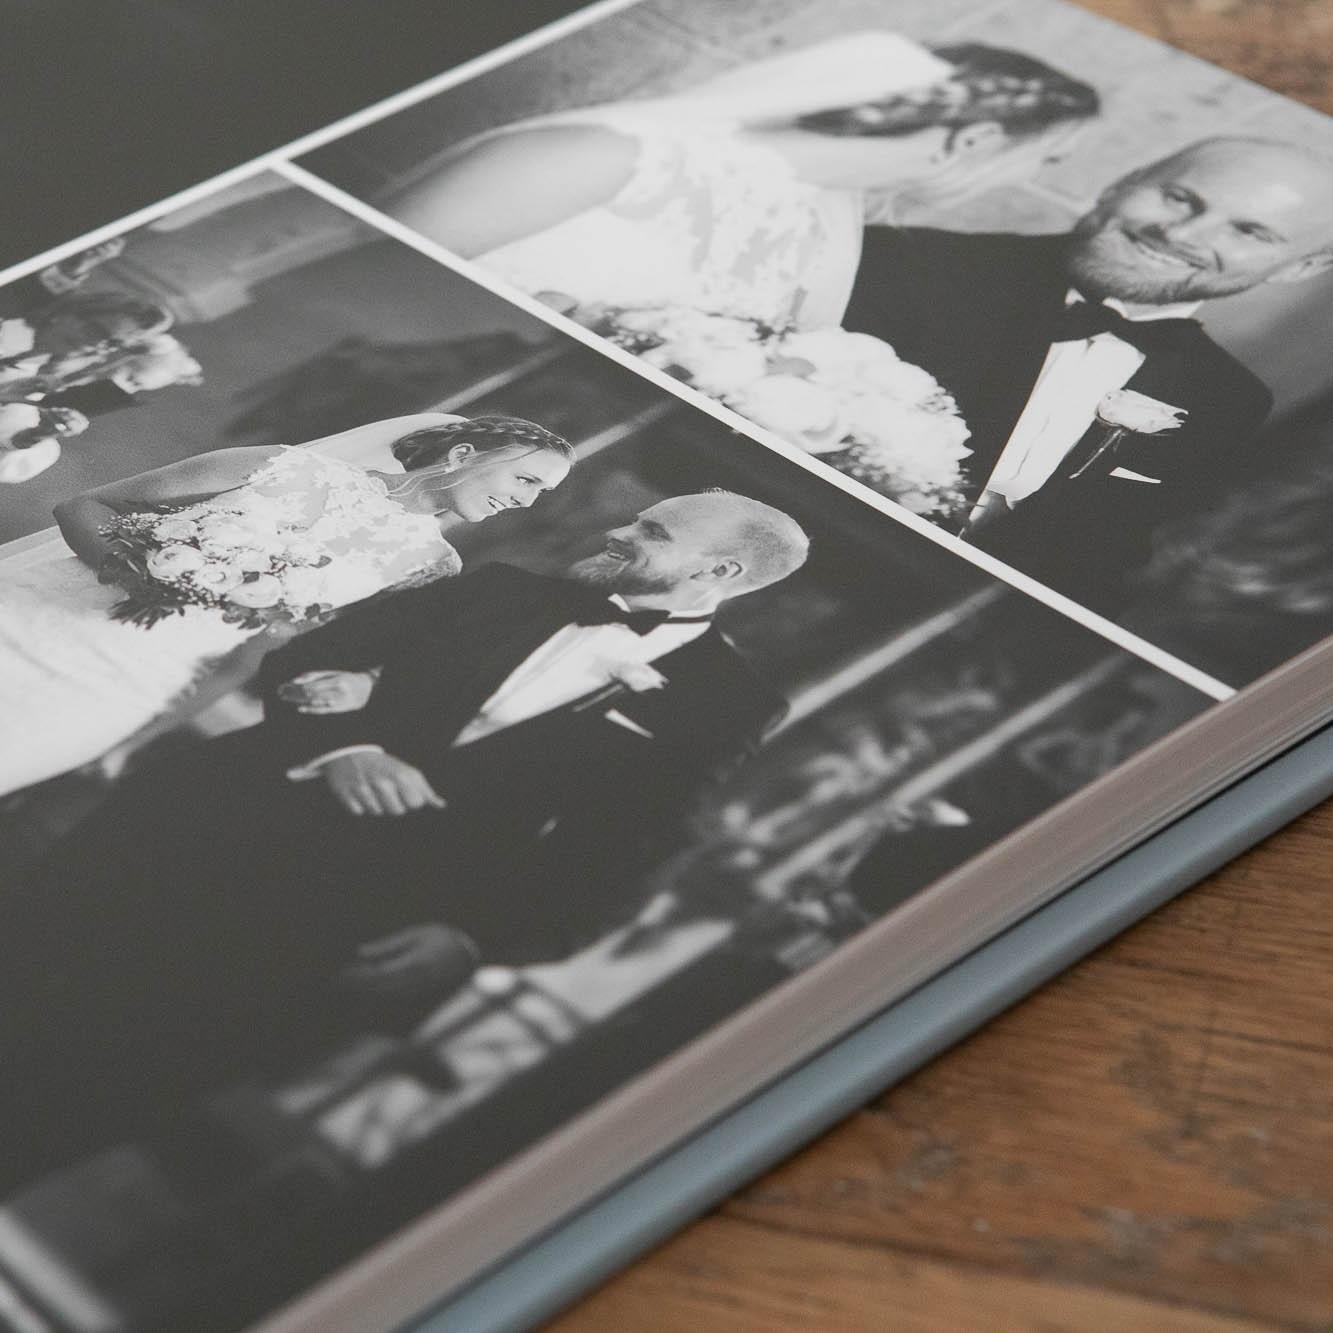 Hjælper jer med jeres bryllupsalbum - Jeg hjælper med at få designet verdens flotteste album fra jeres bryllup. Et album er jeres sikkerhed for, at I også om 20 år kan vise jeres bryllupsbilleder til børn og familie. Digitale filer kan forgå, det kan jeres album ikke. Det er jeres garanti for minder altid.